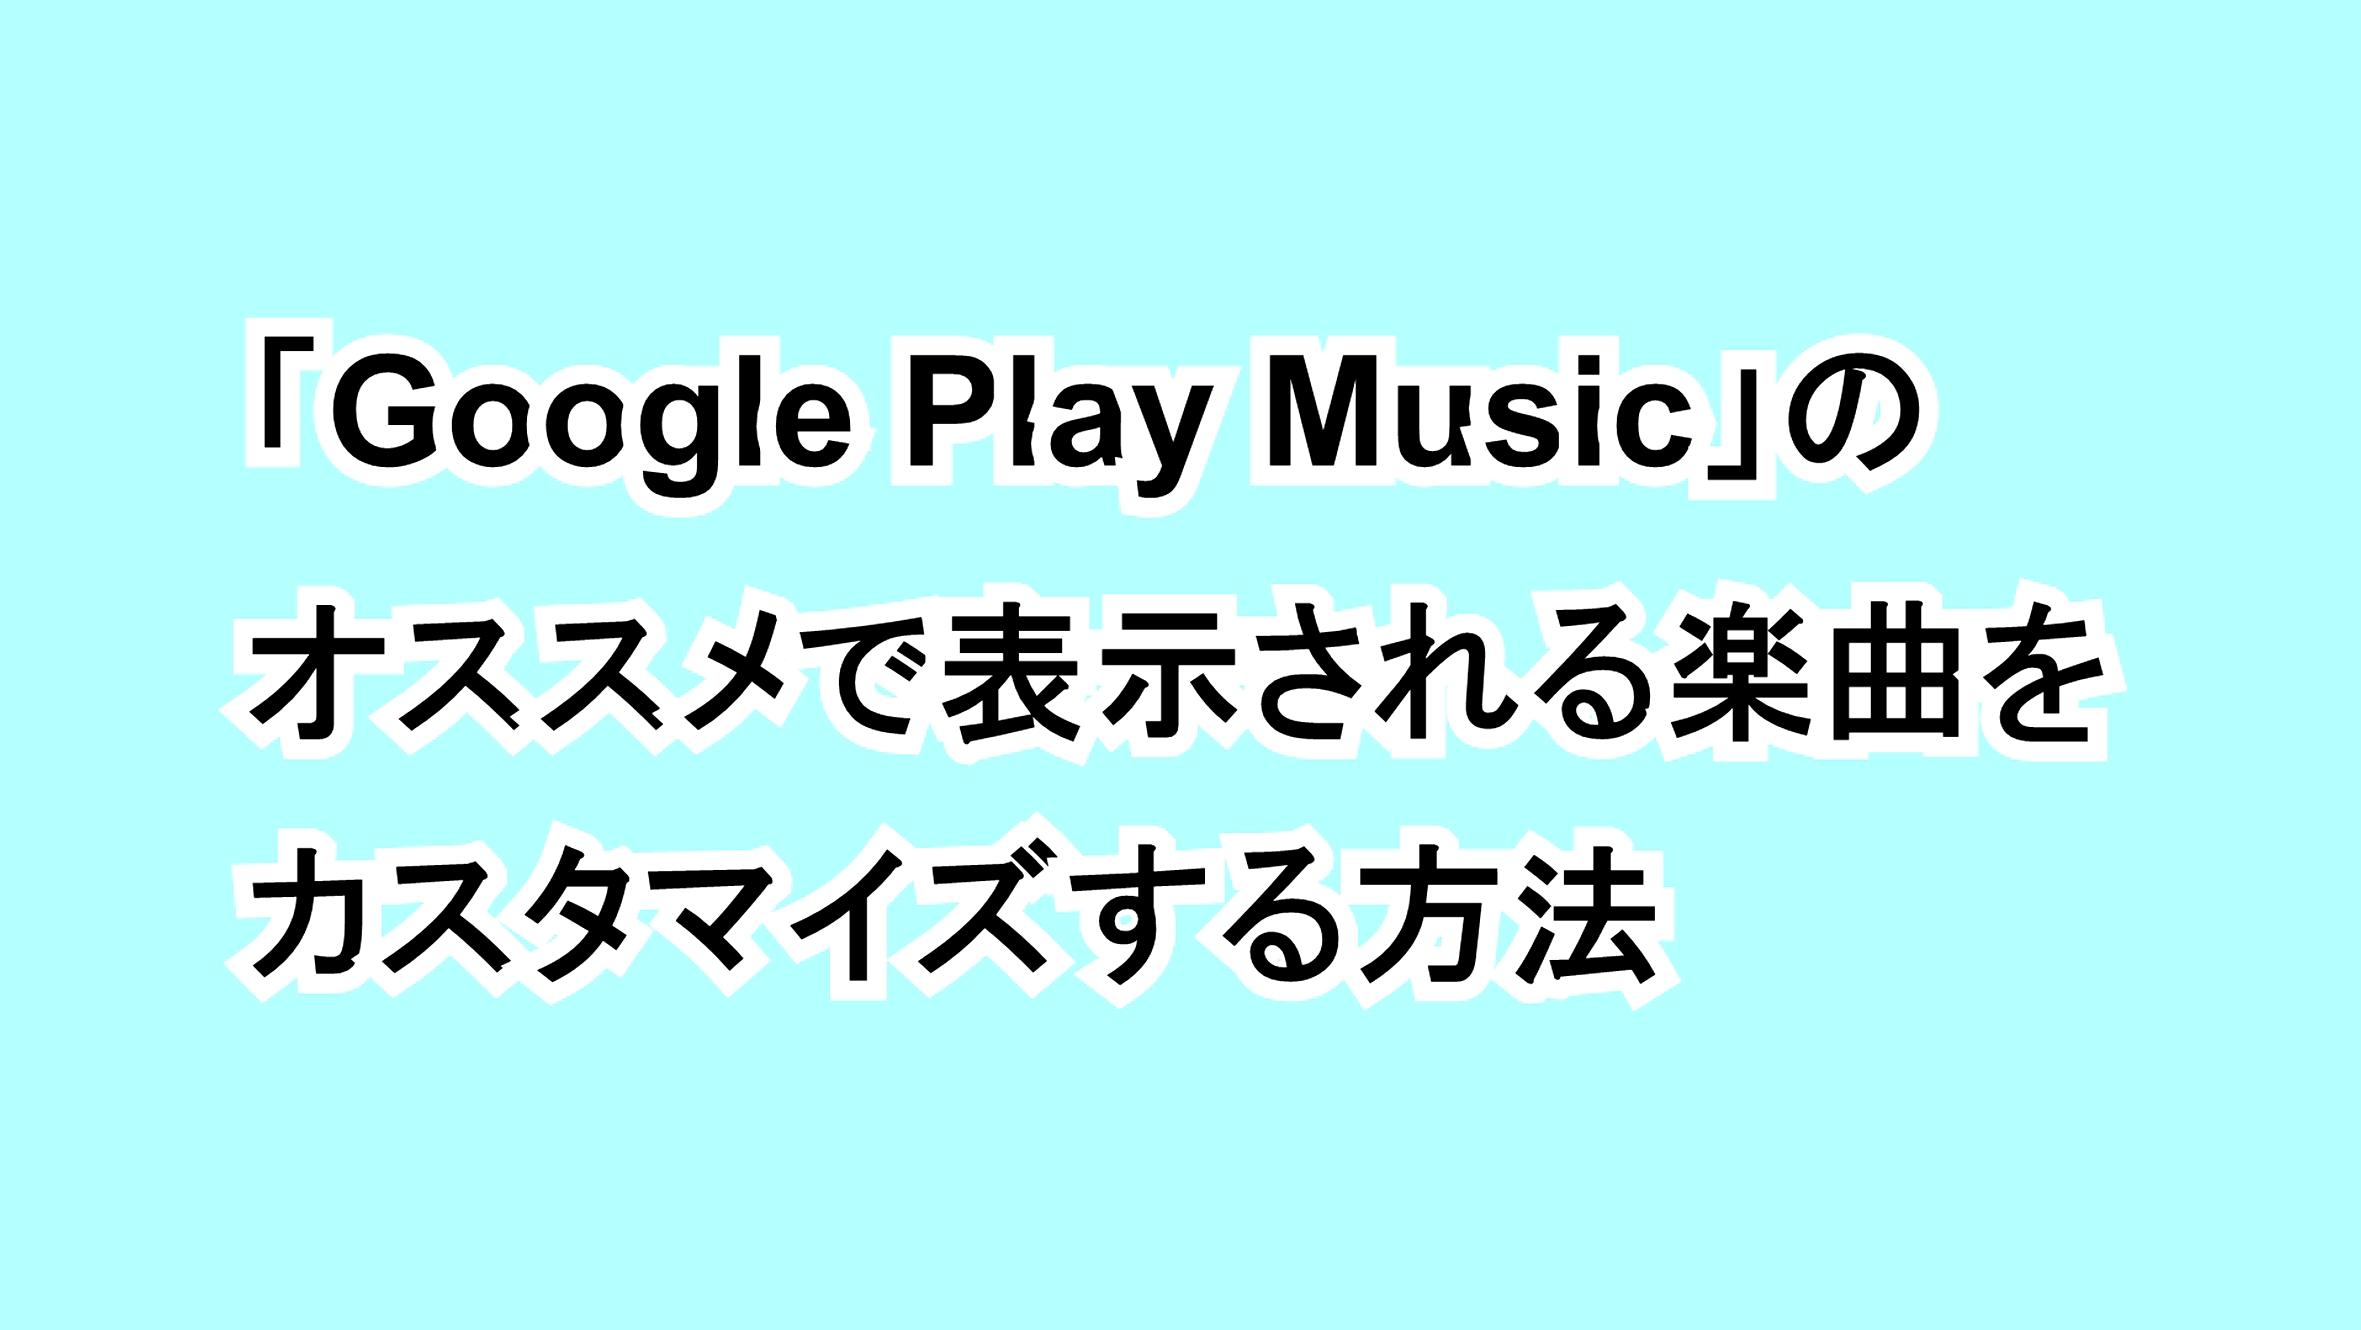 「Google Play Music」のおすすめで表示される楽曲をカスタマイズする方法